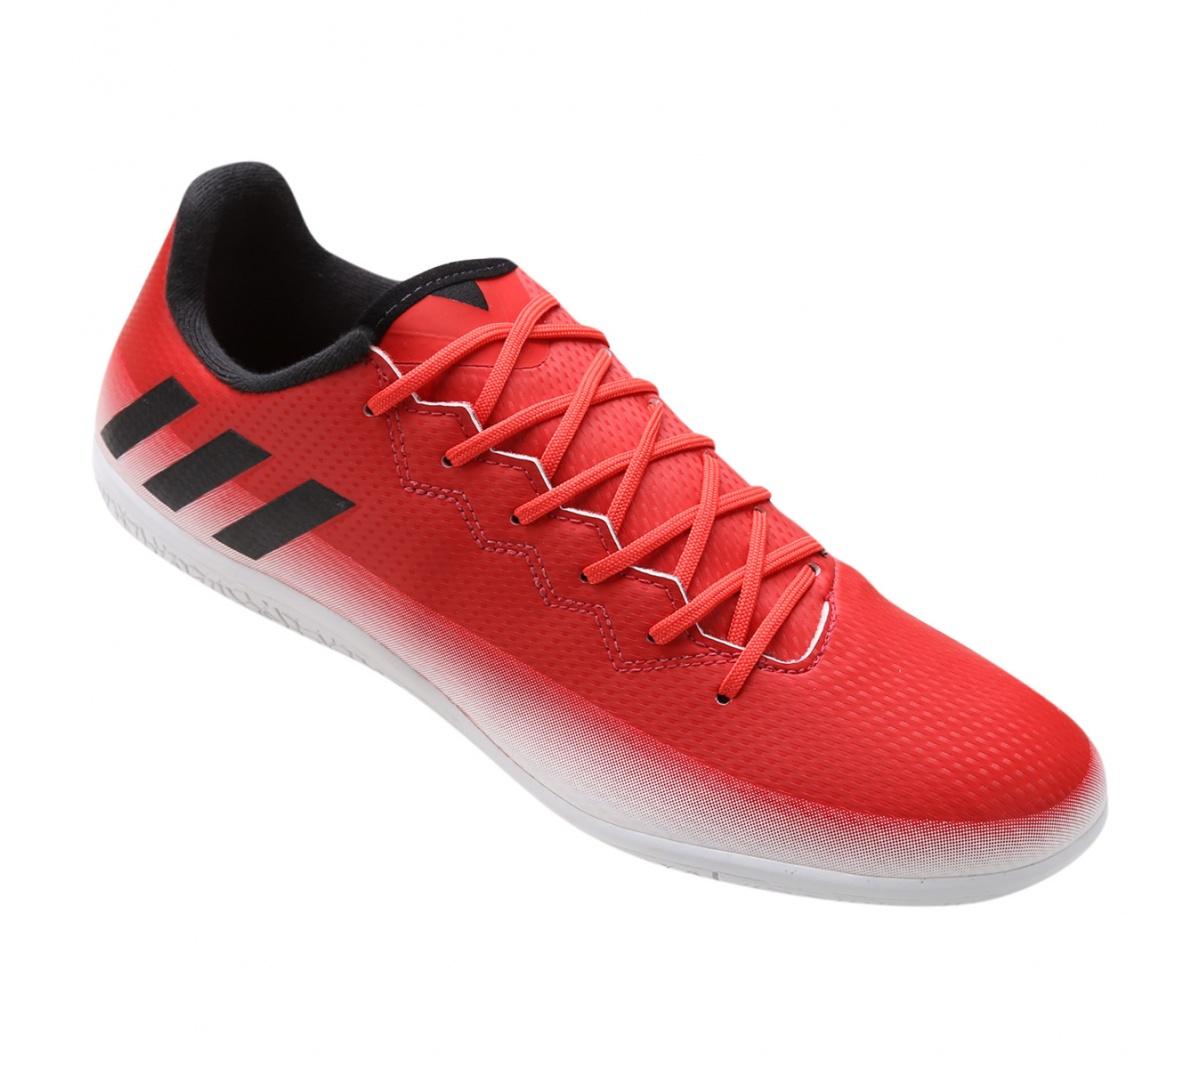 Tênis Adidas Messi 16.3 Futsal Vm/Bc